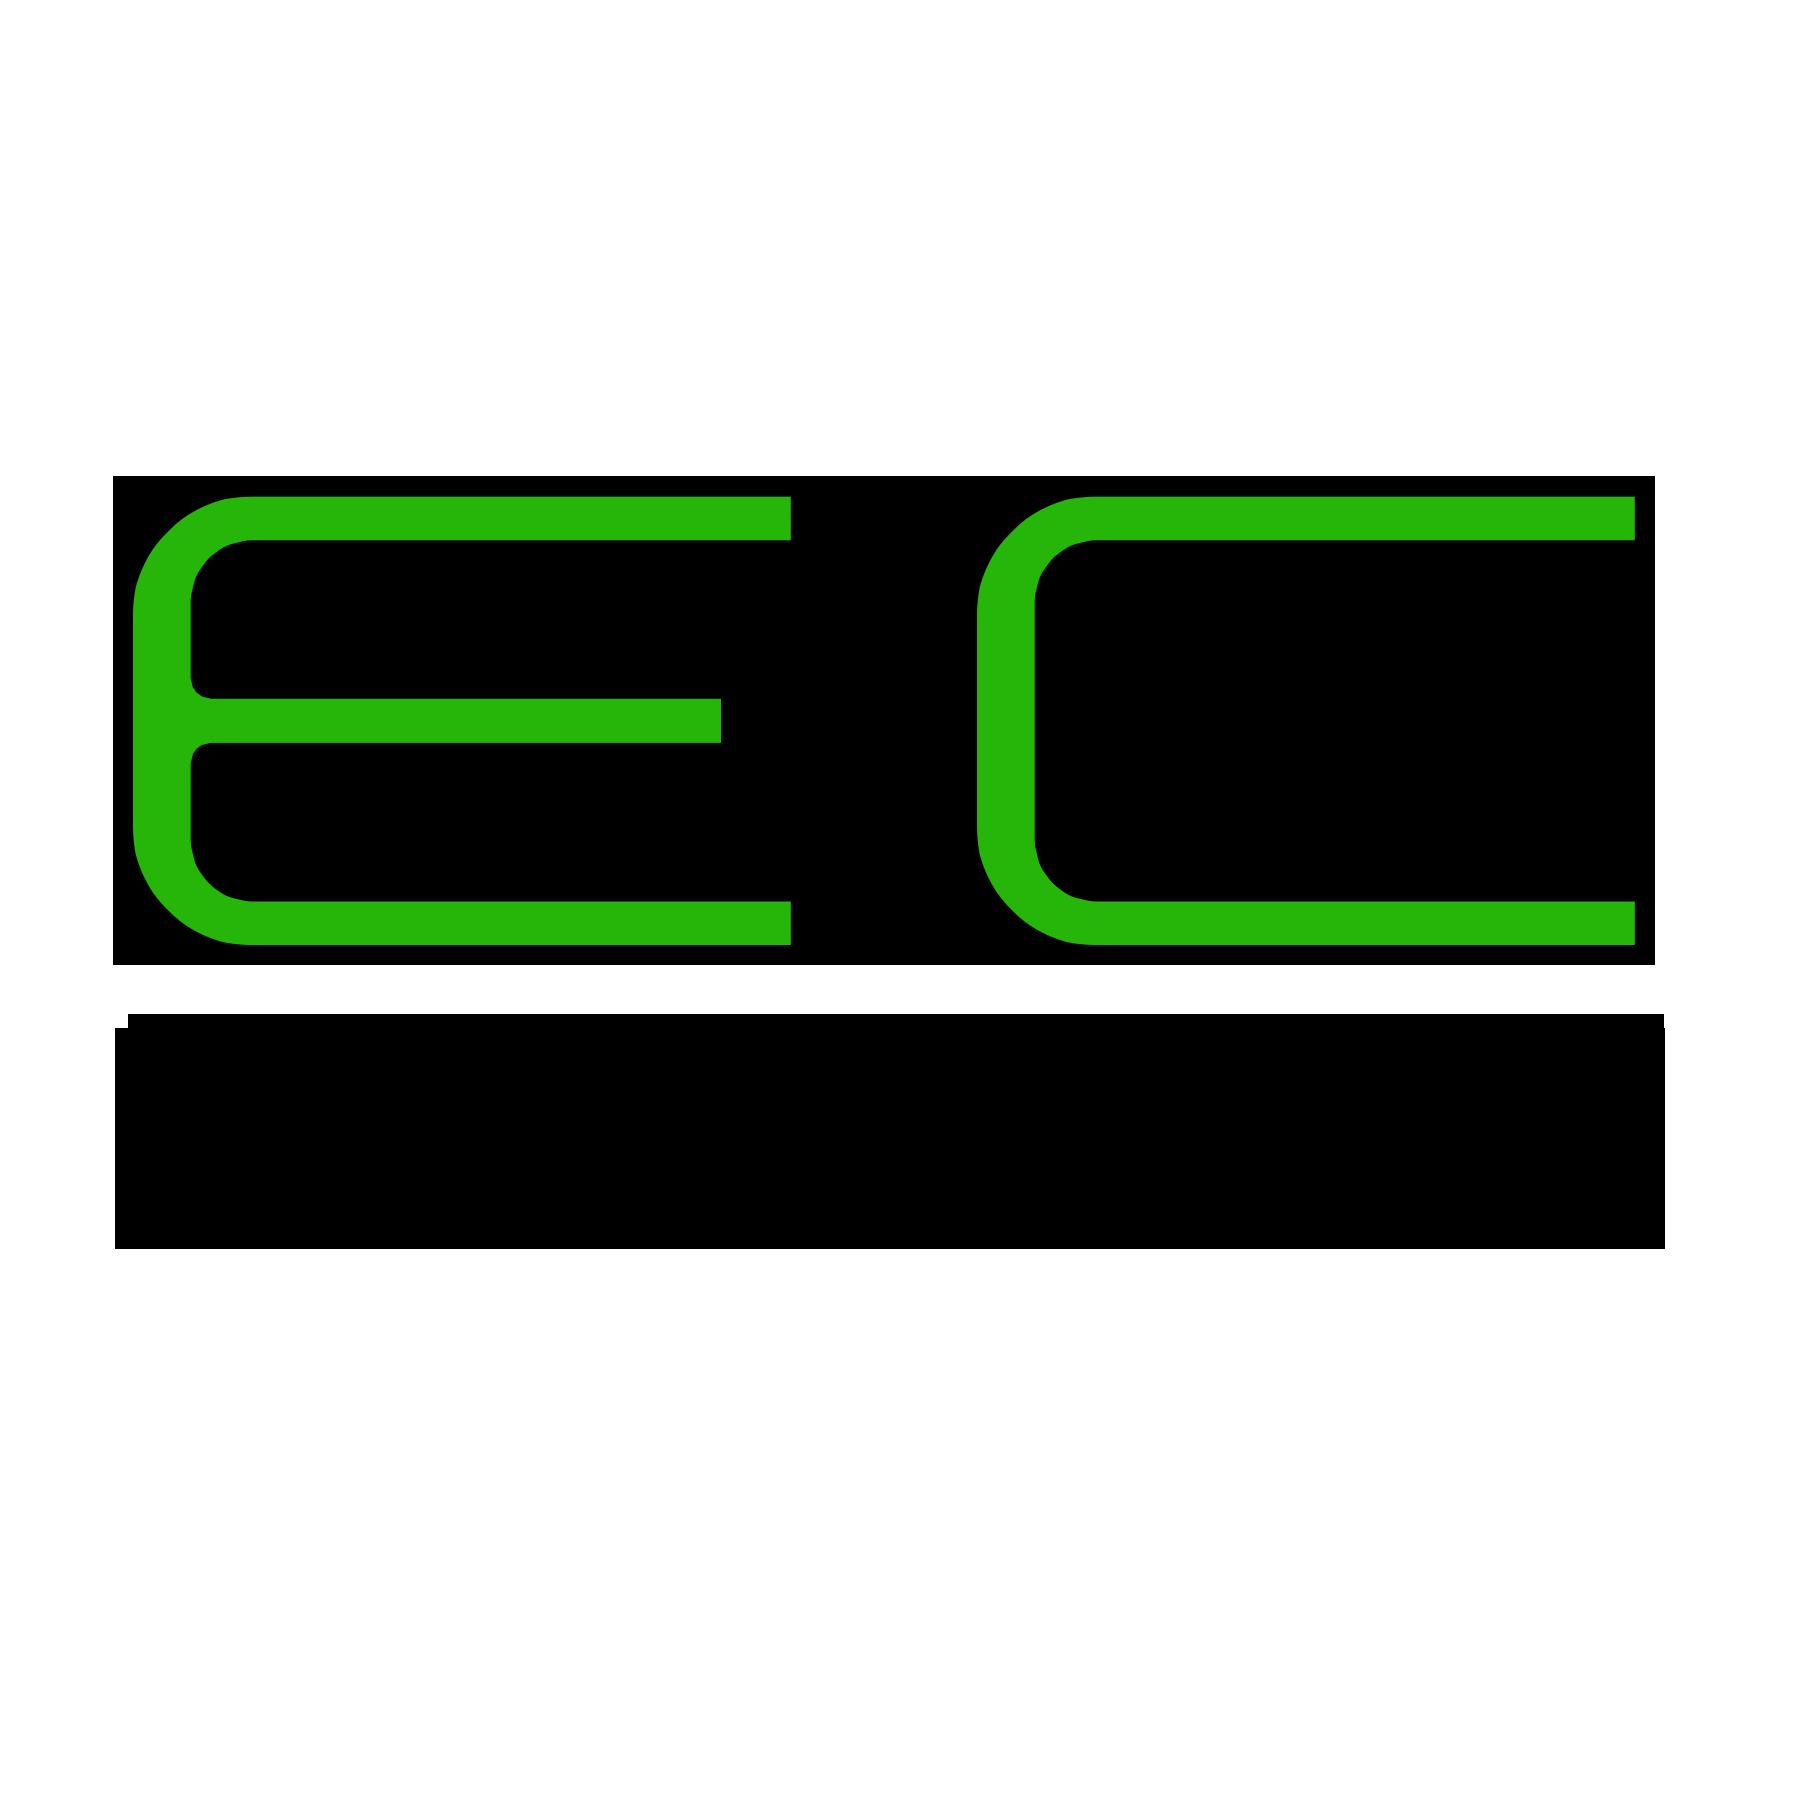 EC2020 – Agenzia di Digital Marketing, Ecommerce e Social Media a Torino